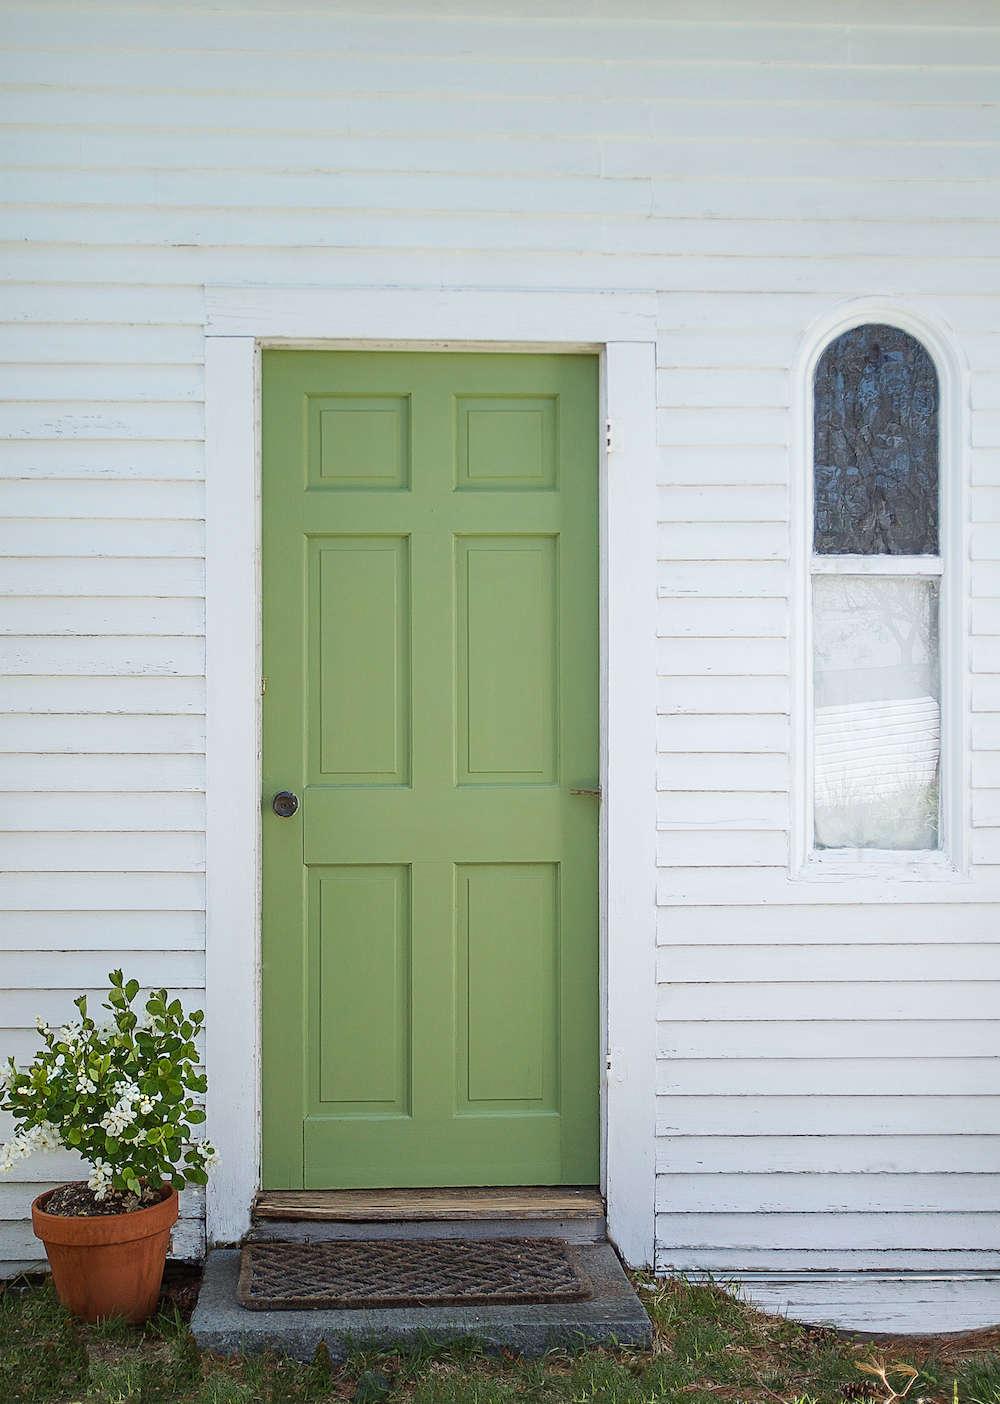 Door in Yeabridge Green from Farrow \u0026 Ball   Remodelista & A Spring Green Door with Farrow \u0026 Ball Paint - Remodelista